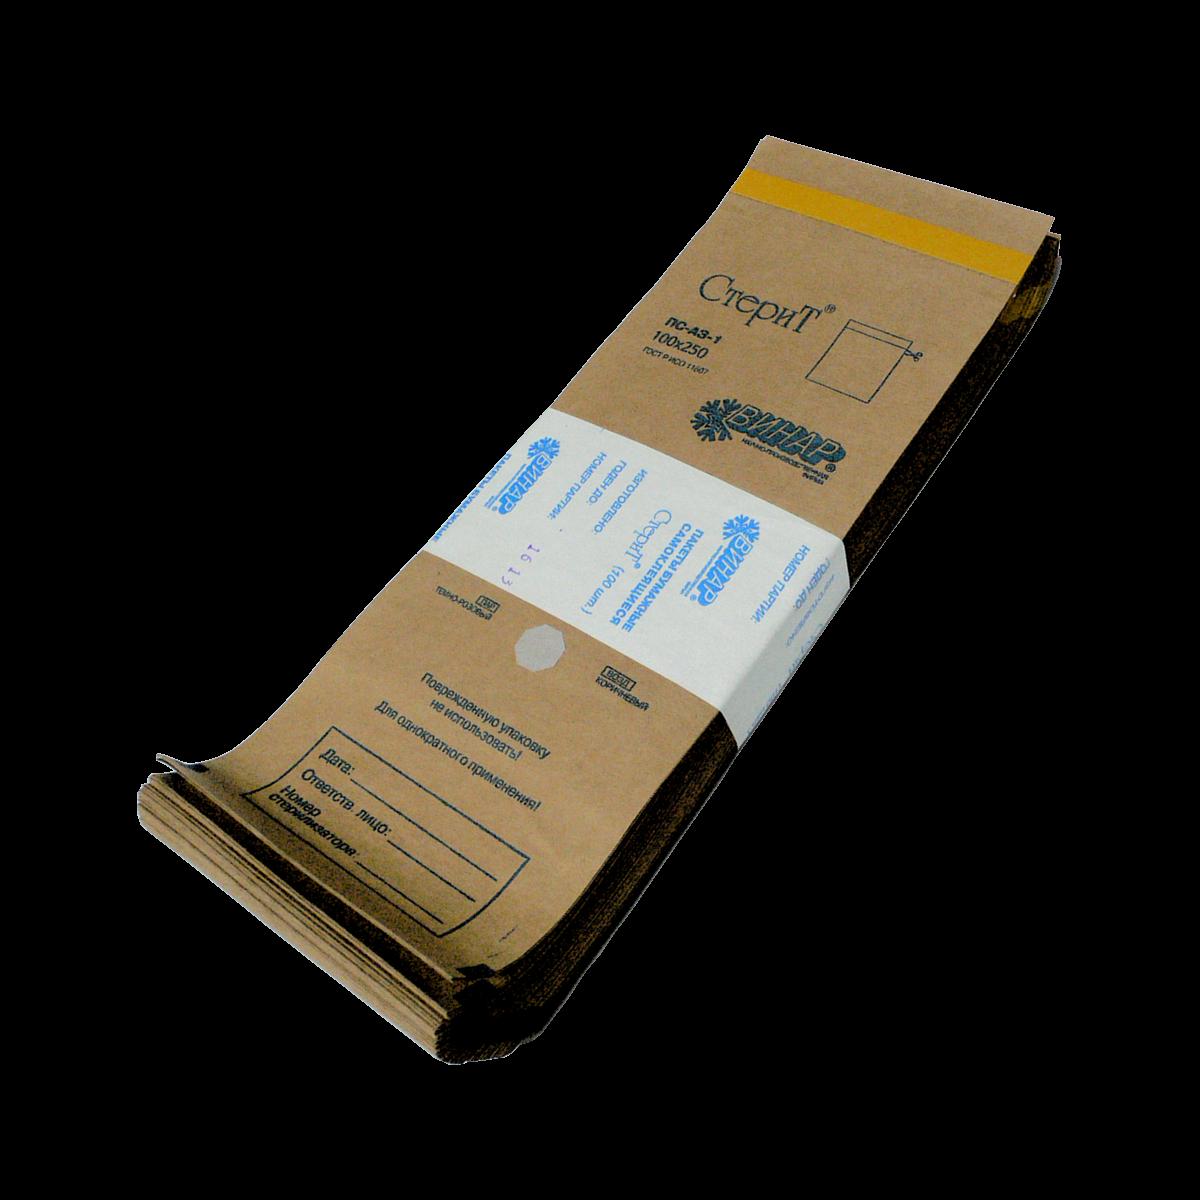 Крафт-пакеты 100х200, самоклеящиеся с индикатором для паровой и газовой стерилизации (Сухожар) (3,14 руб/шт)